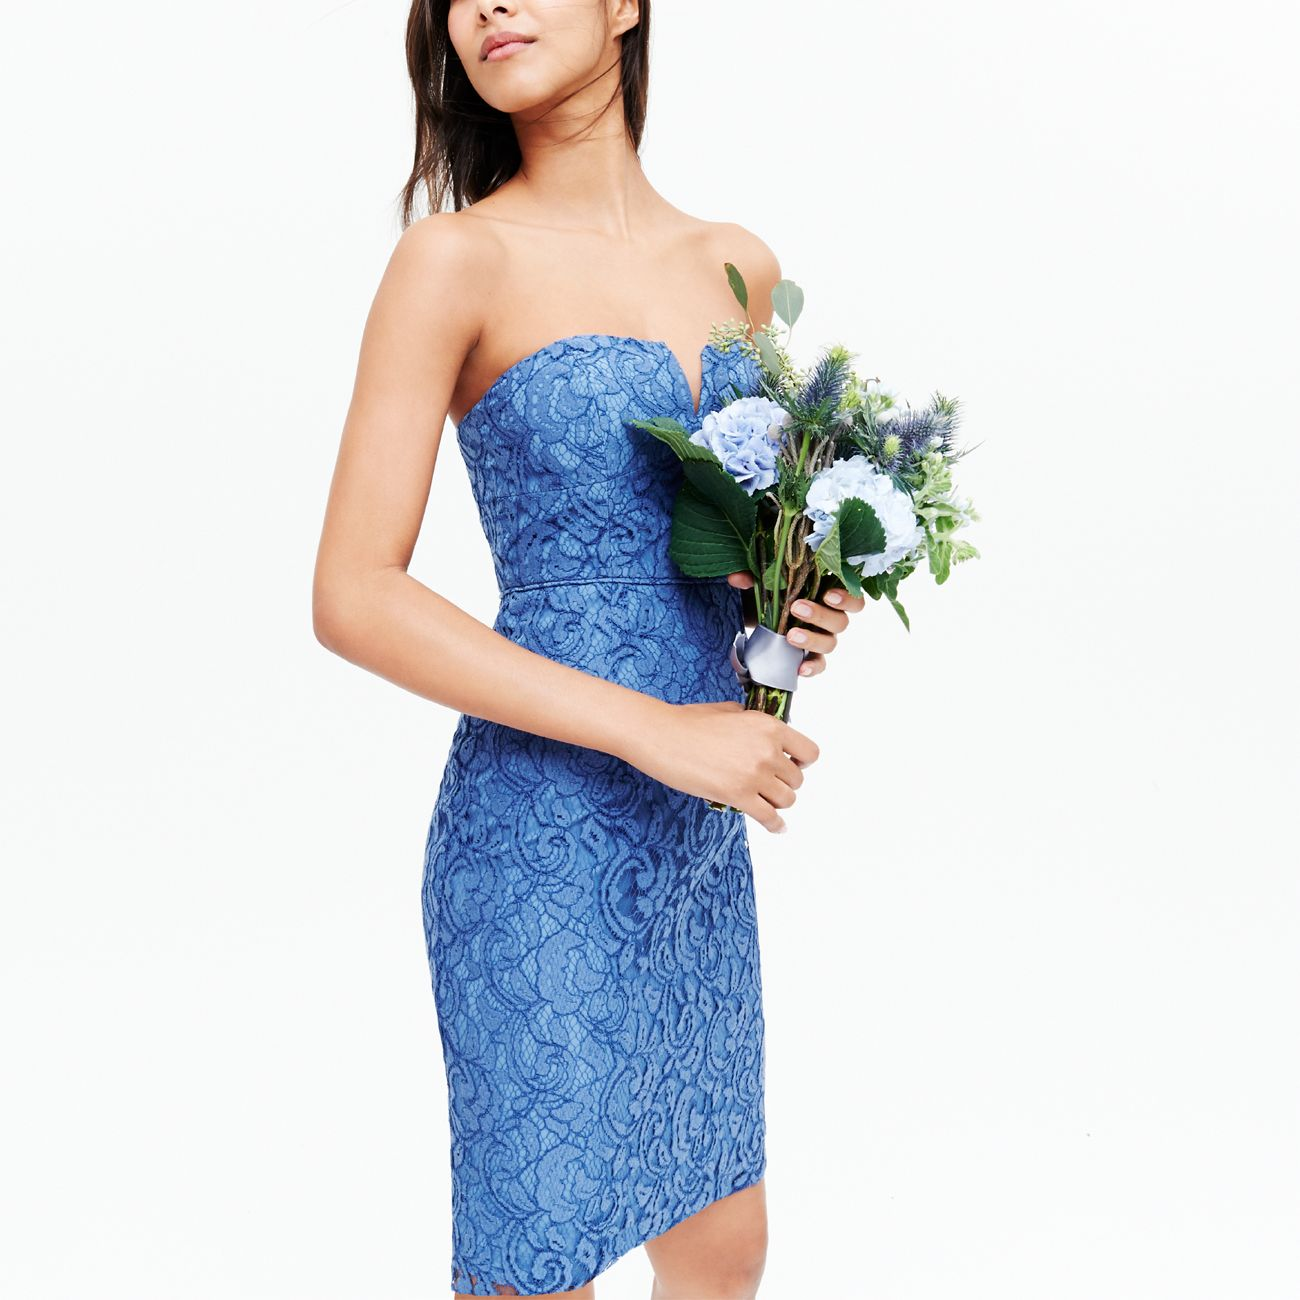 Weddings Parties J Crew Cathleen Bridesmaid Dress In Steely Ocean Leavers Lace